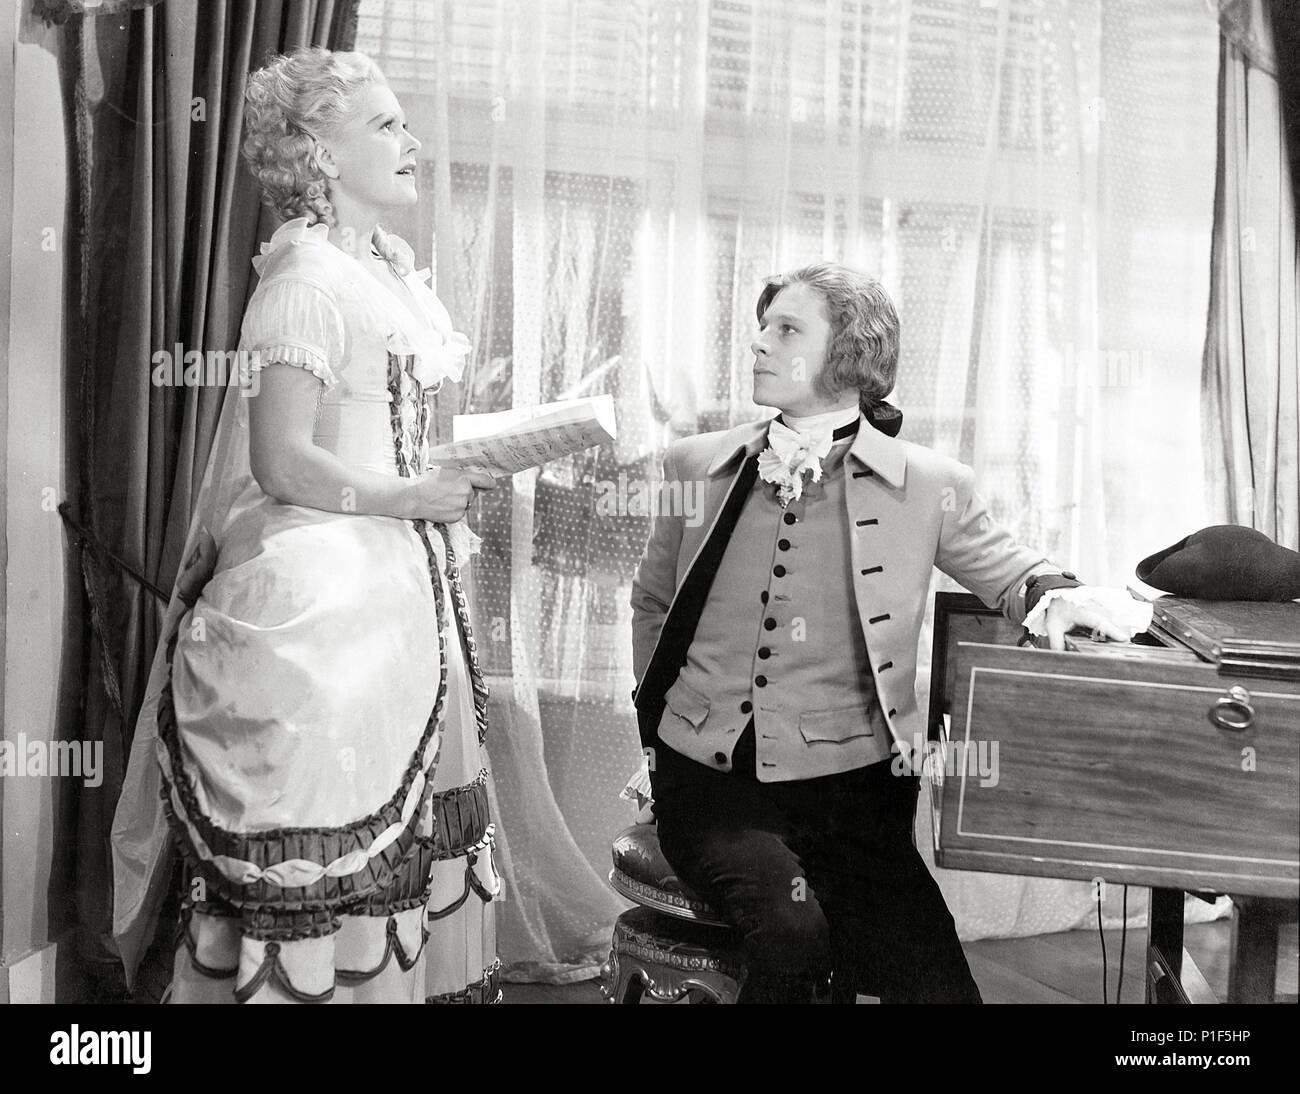 Original Film Title: WEN DIE GOTTER LIEBEN.  English Title: WEN DIE GOTTER LIEBEN.  Film Director: KARL HARTL.  Year: 1942.  Stars: WOLFGANG AMADEUS MOZART; HANS HOLT. Credit: WIEN FILM / Album - Stock Image